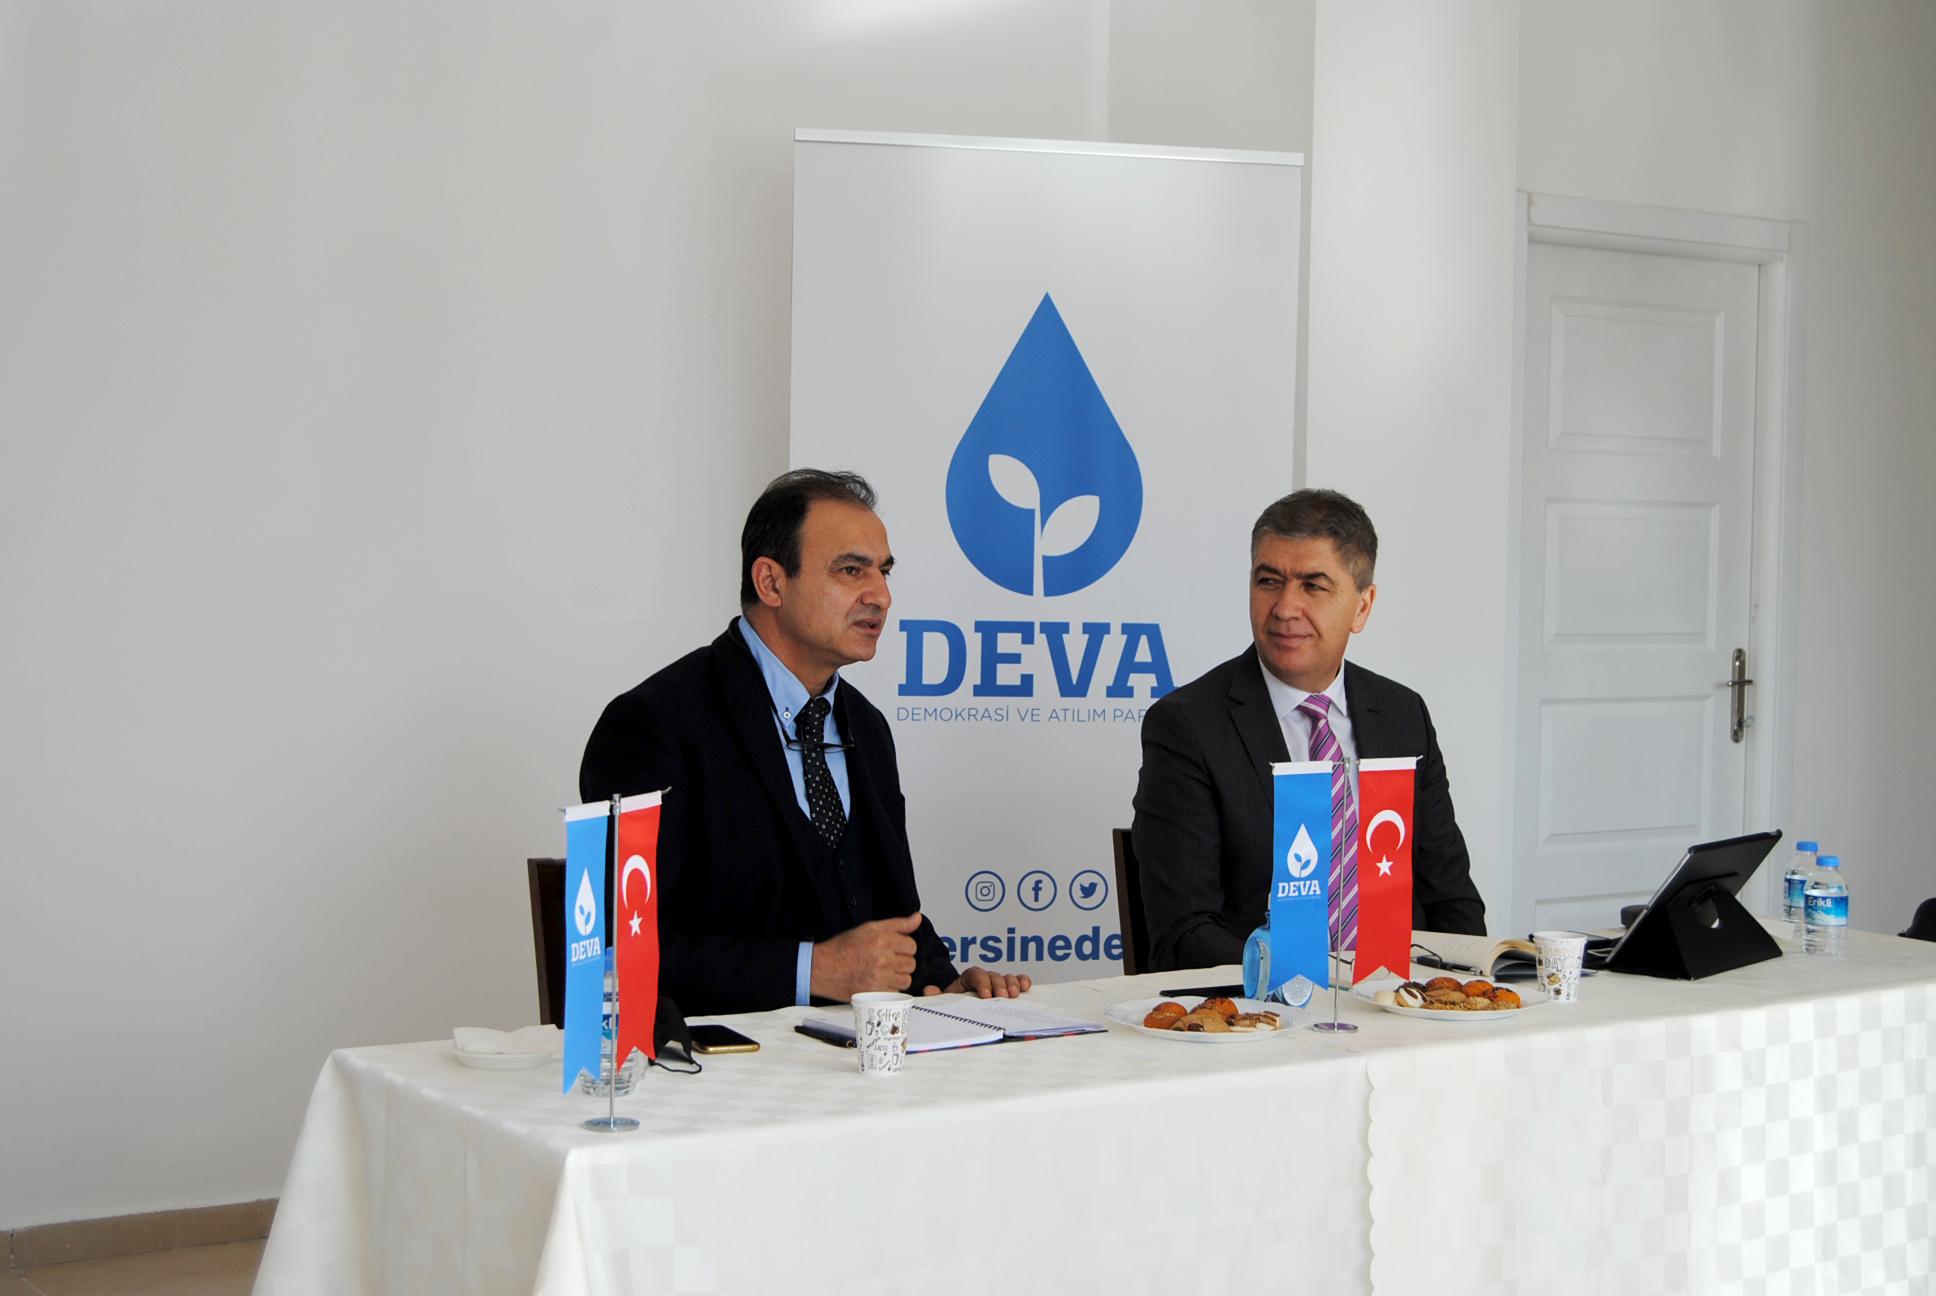 DEVA Partisi Mersin ekibi, Bölge Koordinatörü Satıcı ile bir araya geld